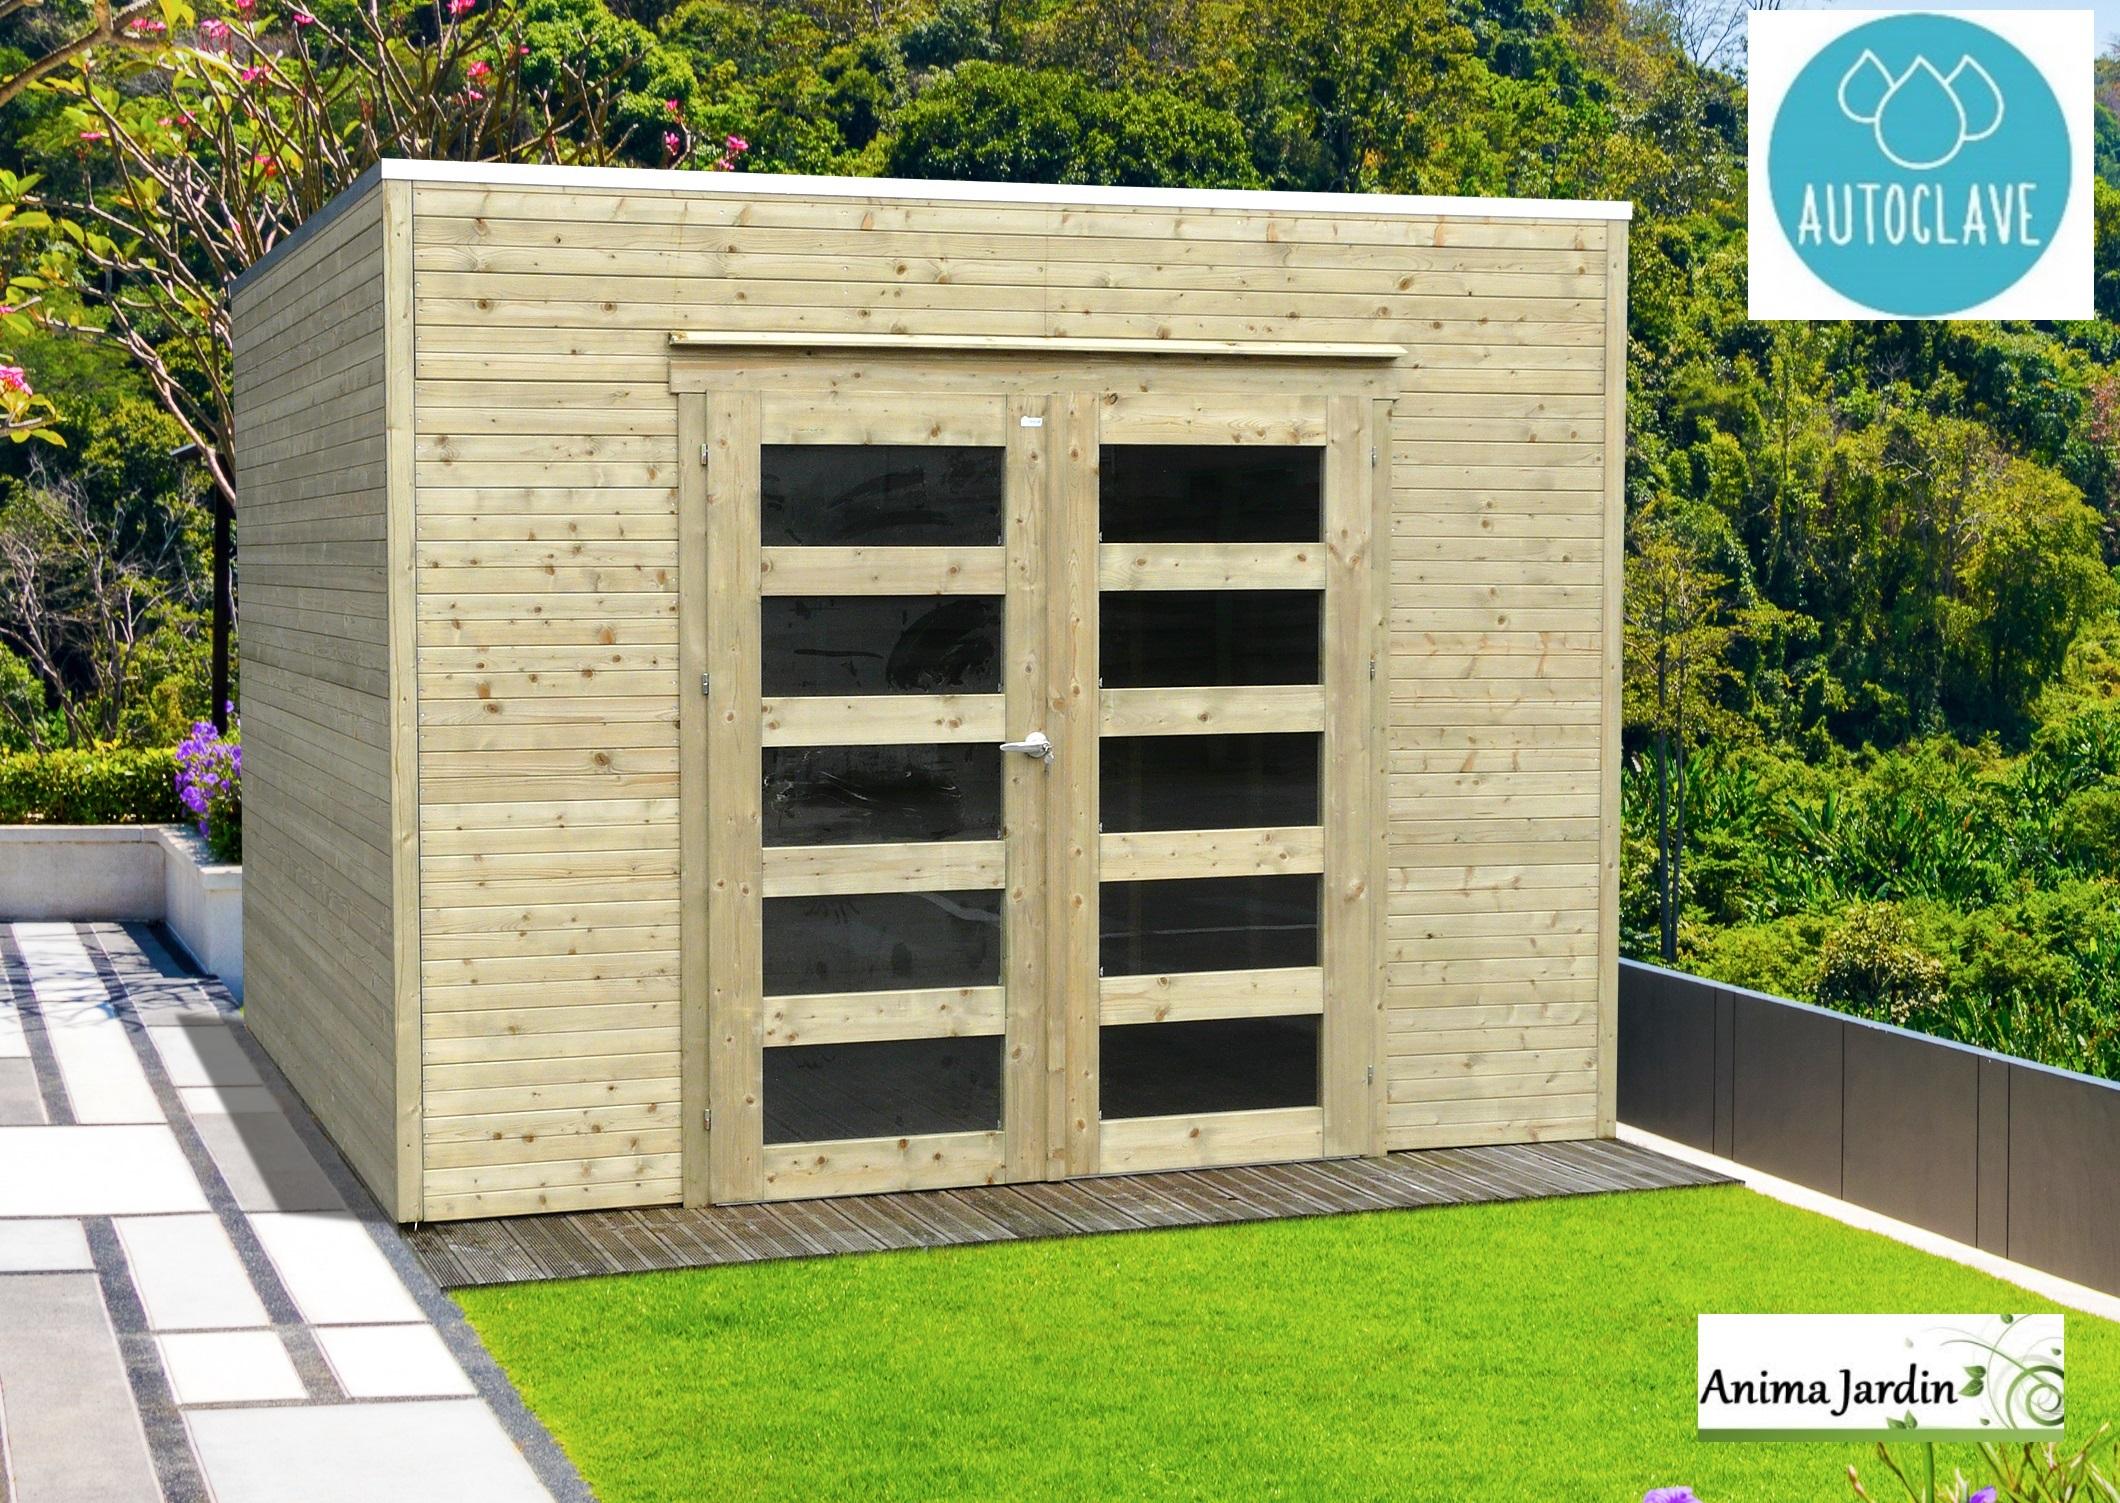 Abri De Jardin En Bois Autoclave 19Mm, Bari, 8M², Toit Plat ... destiné Abri Jardin Bois 5M2